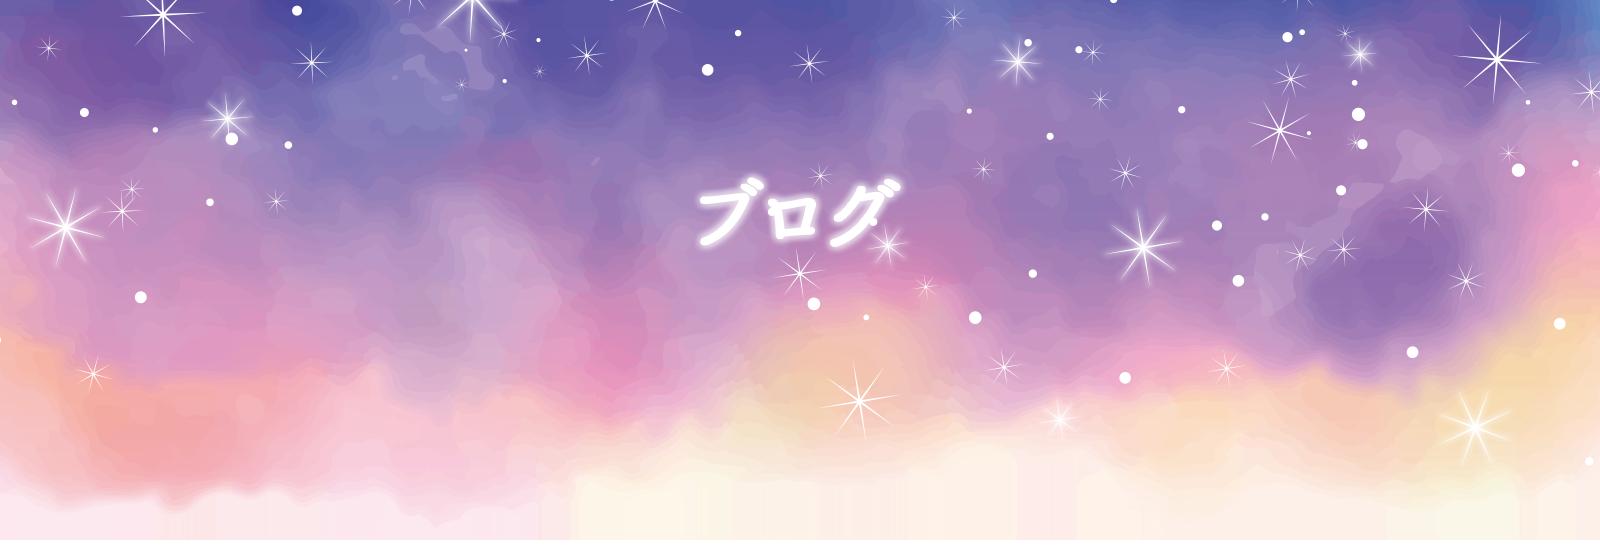 久留米の睡眠改善専門店 healingsalon 心のブログ